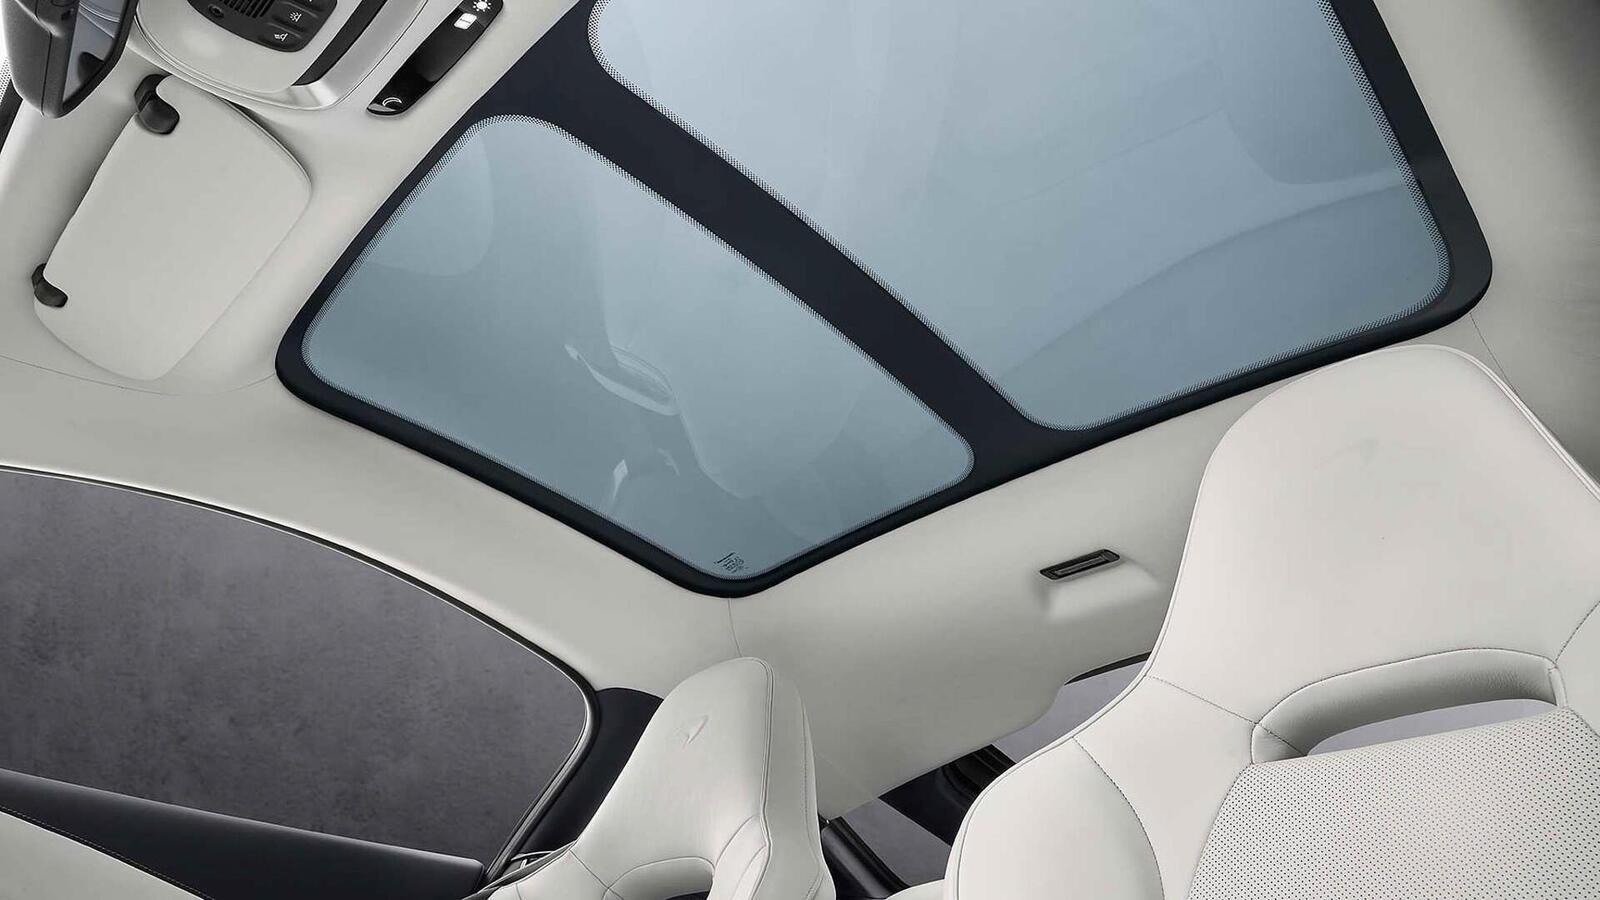 McLaren giới thiệu siêu xe GT 2020 hoàn toàn mới: Động cơ mạnh mẽ và cabin thoải mái - Hình 8